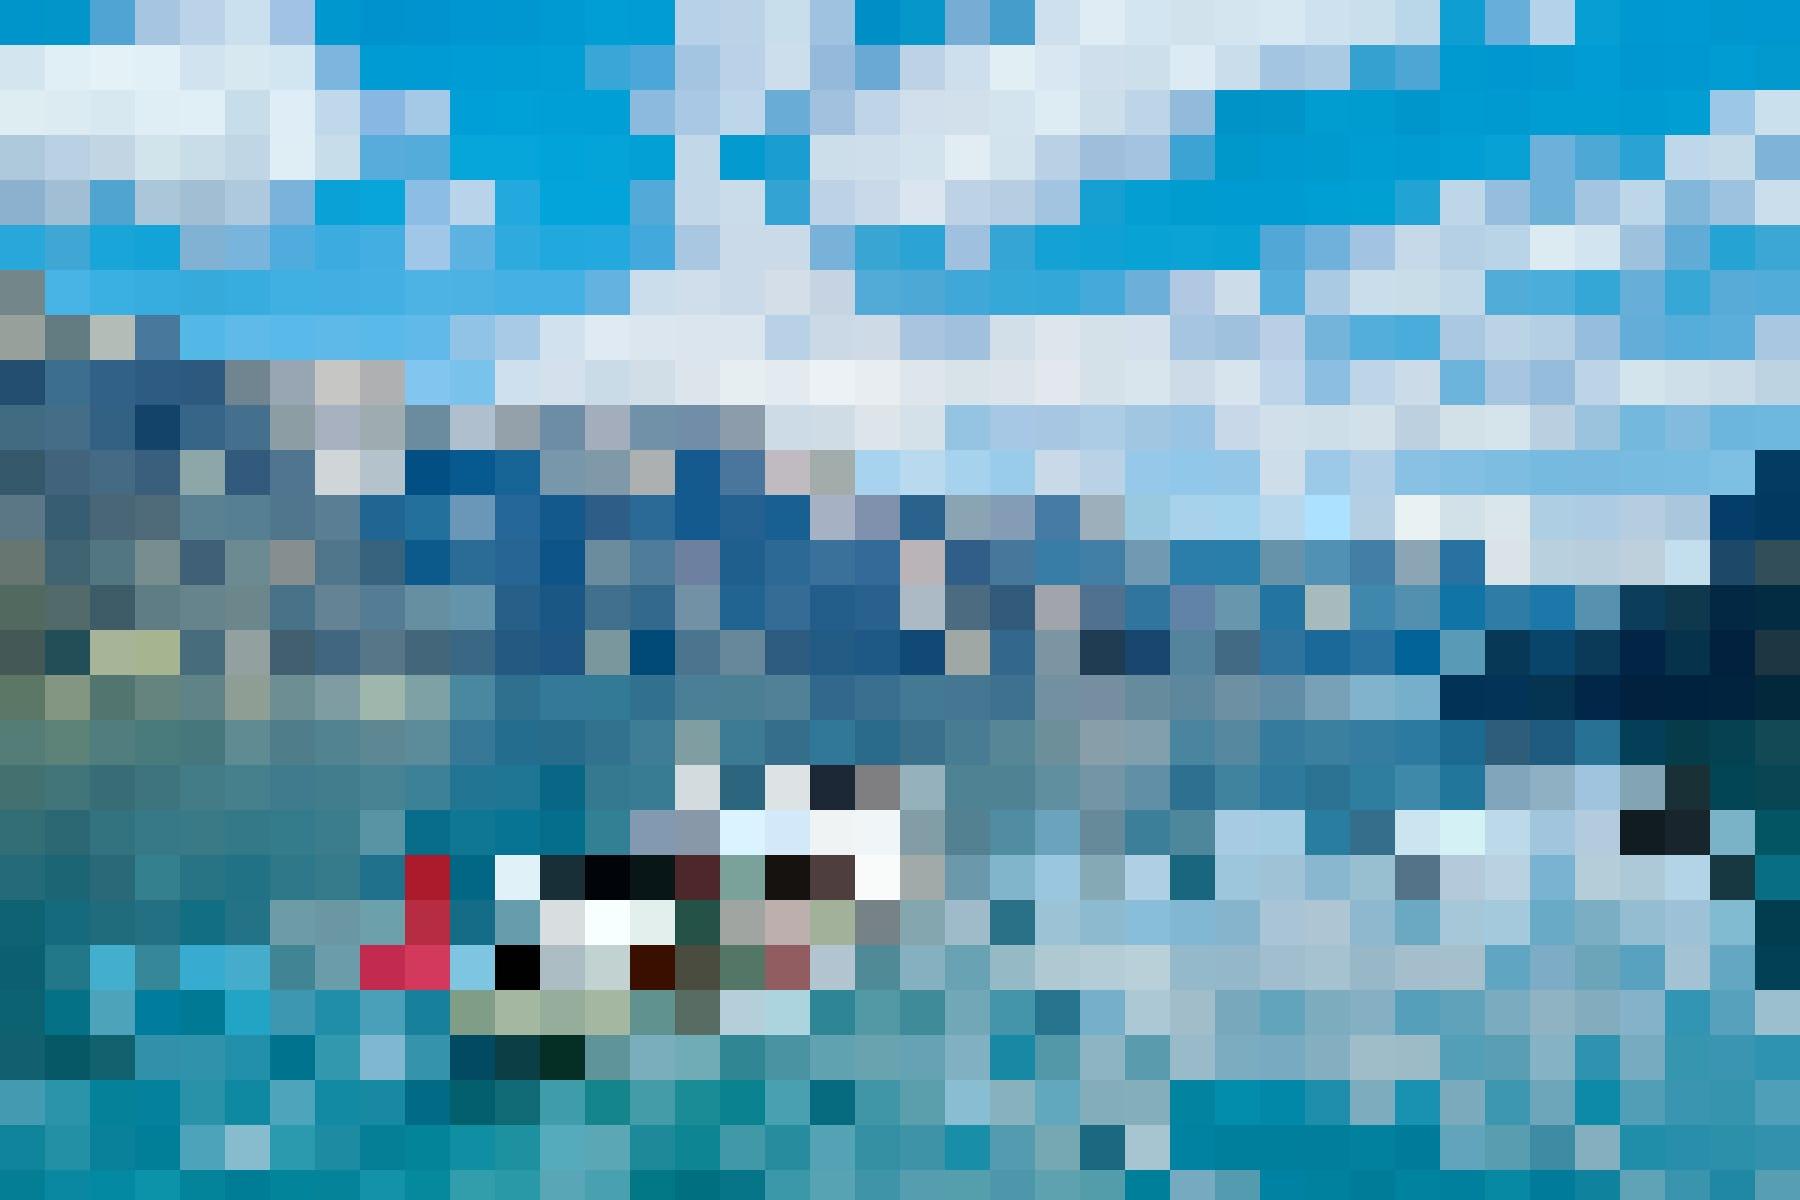 Mit dem Dampfschiff Lötschberg gemütlich von Interlaken Ost über den Brienzersee nach Brienz tuckern.